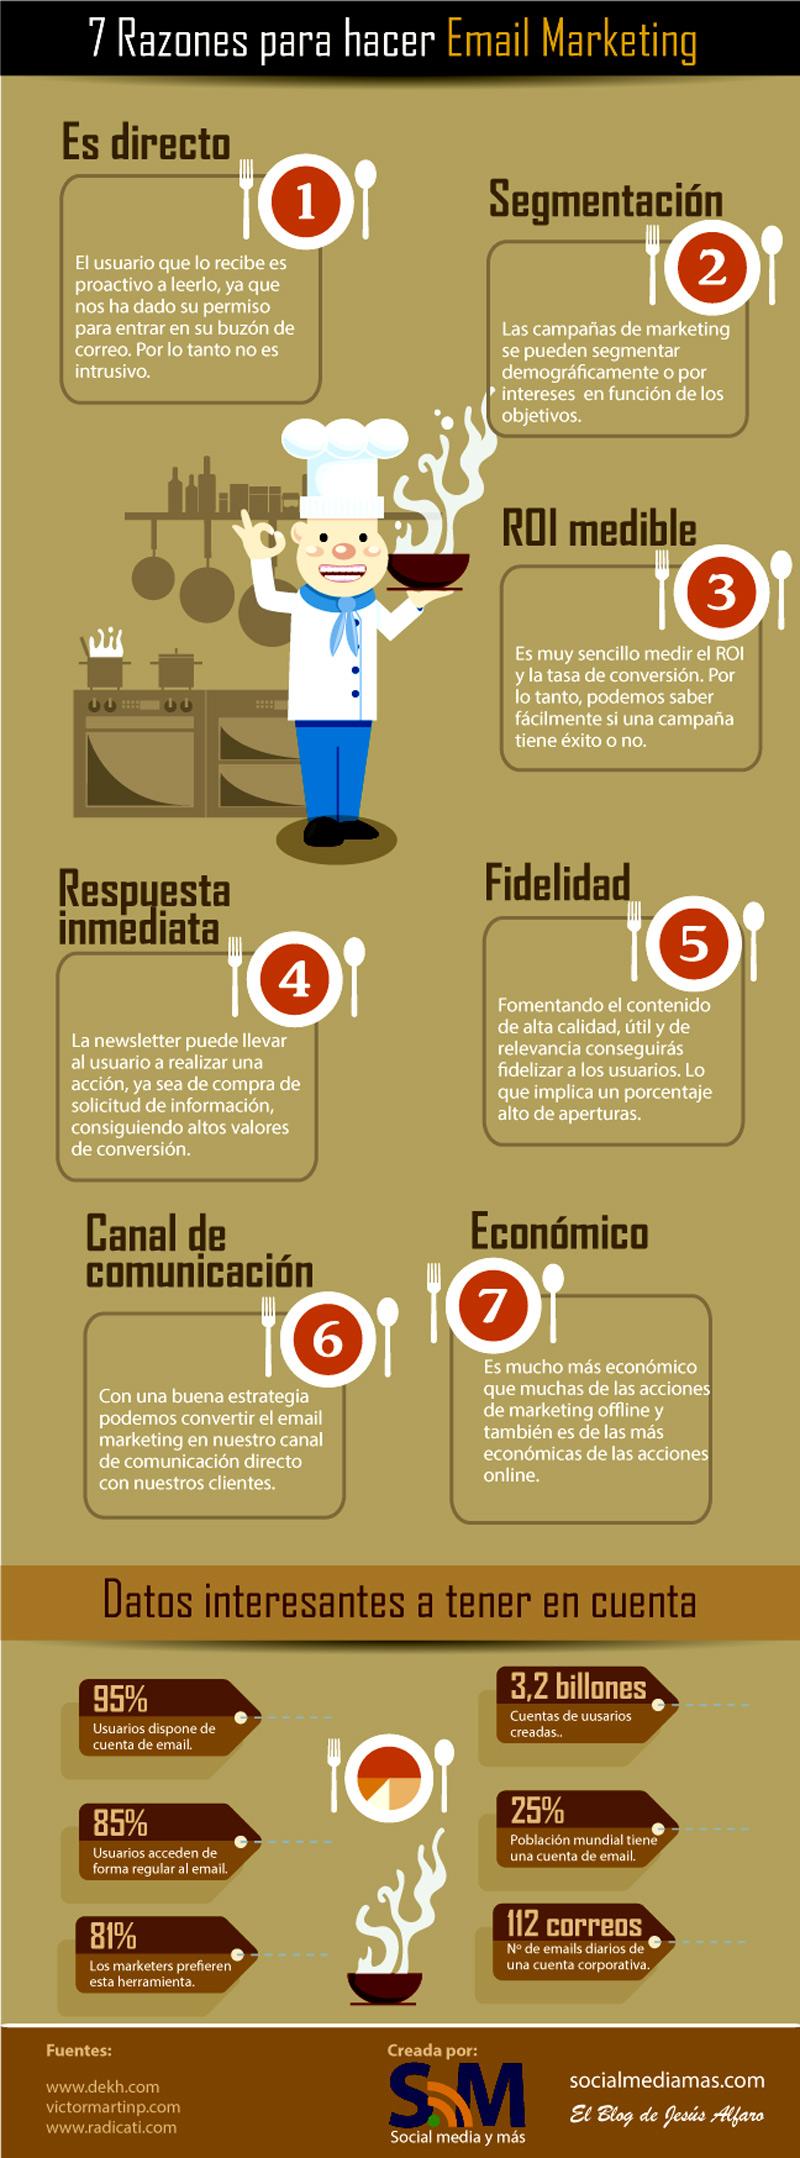 infografia7